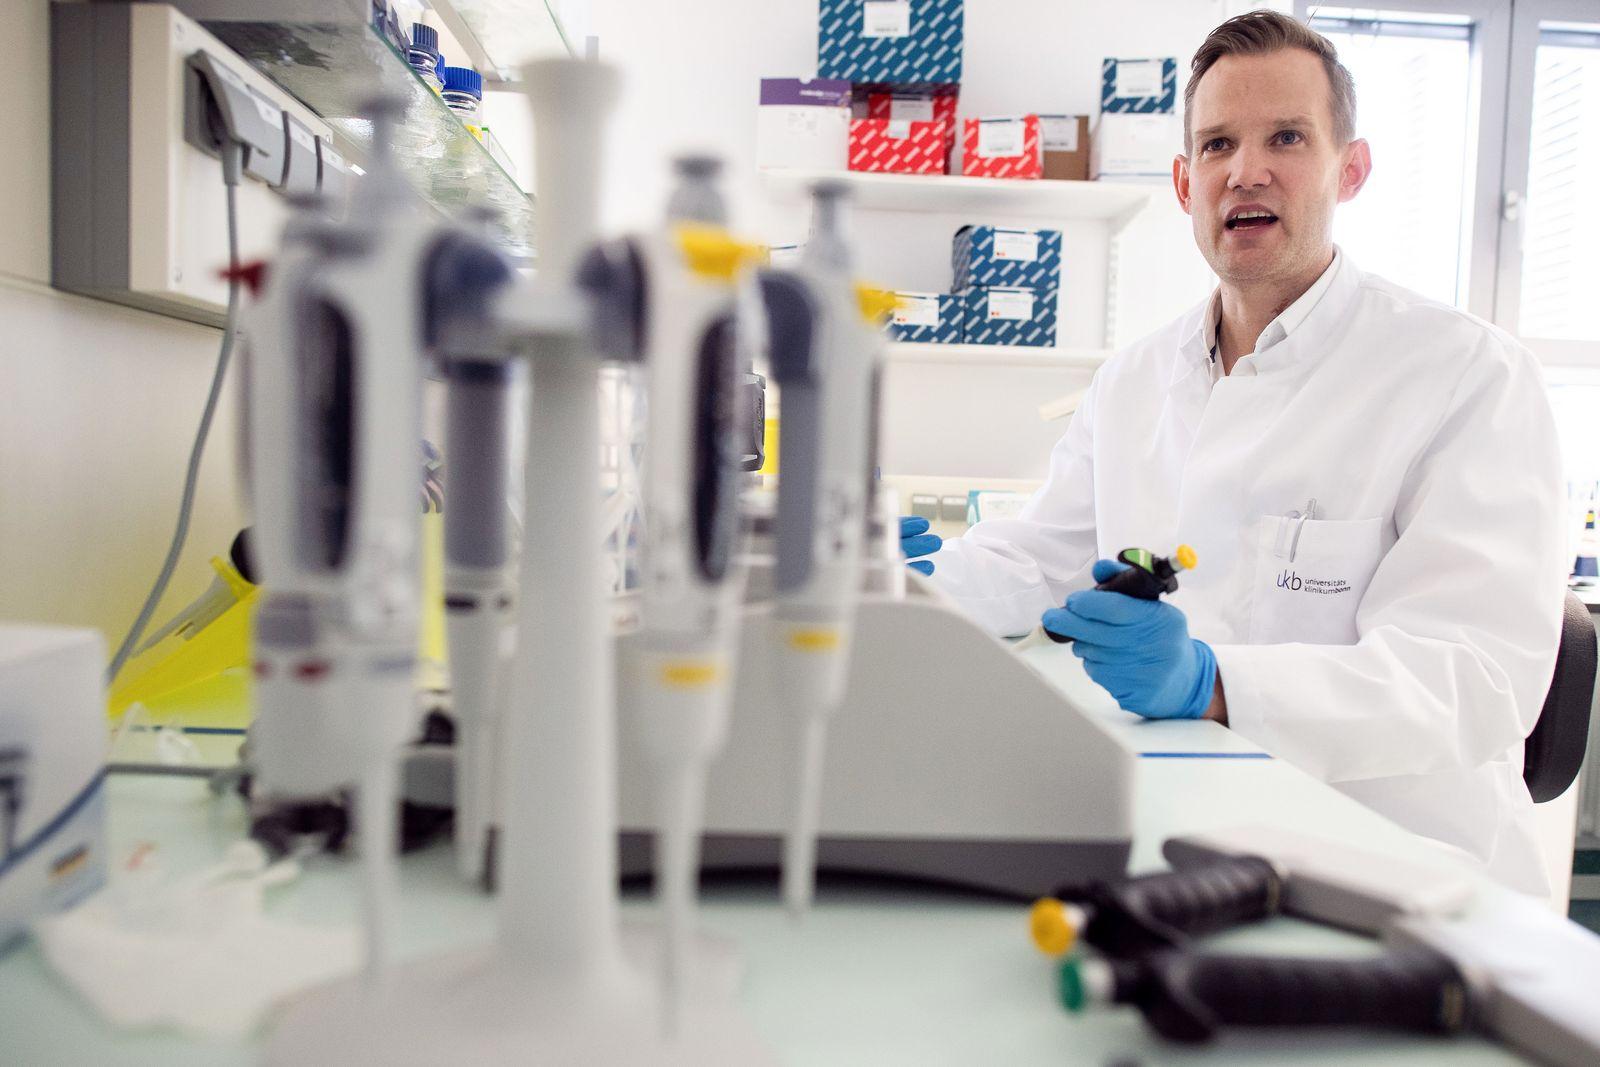 Virologe Streeck: «Sehr viel mehr auf Großevents fokussieren»